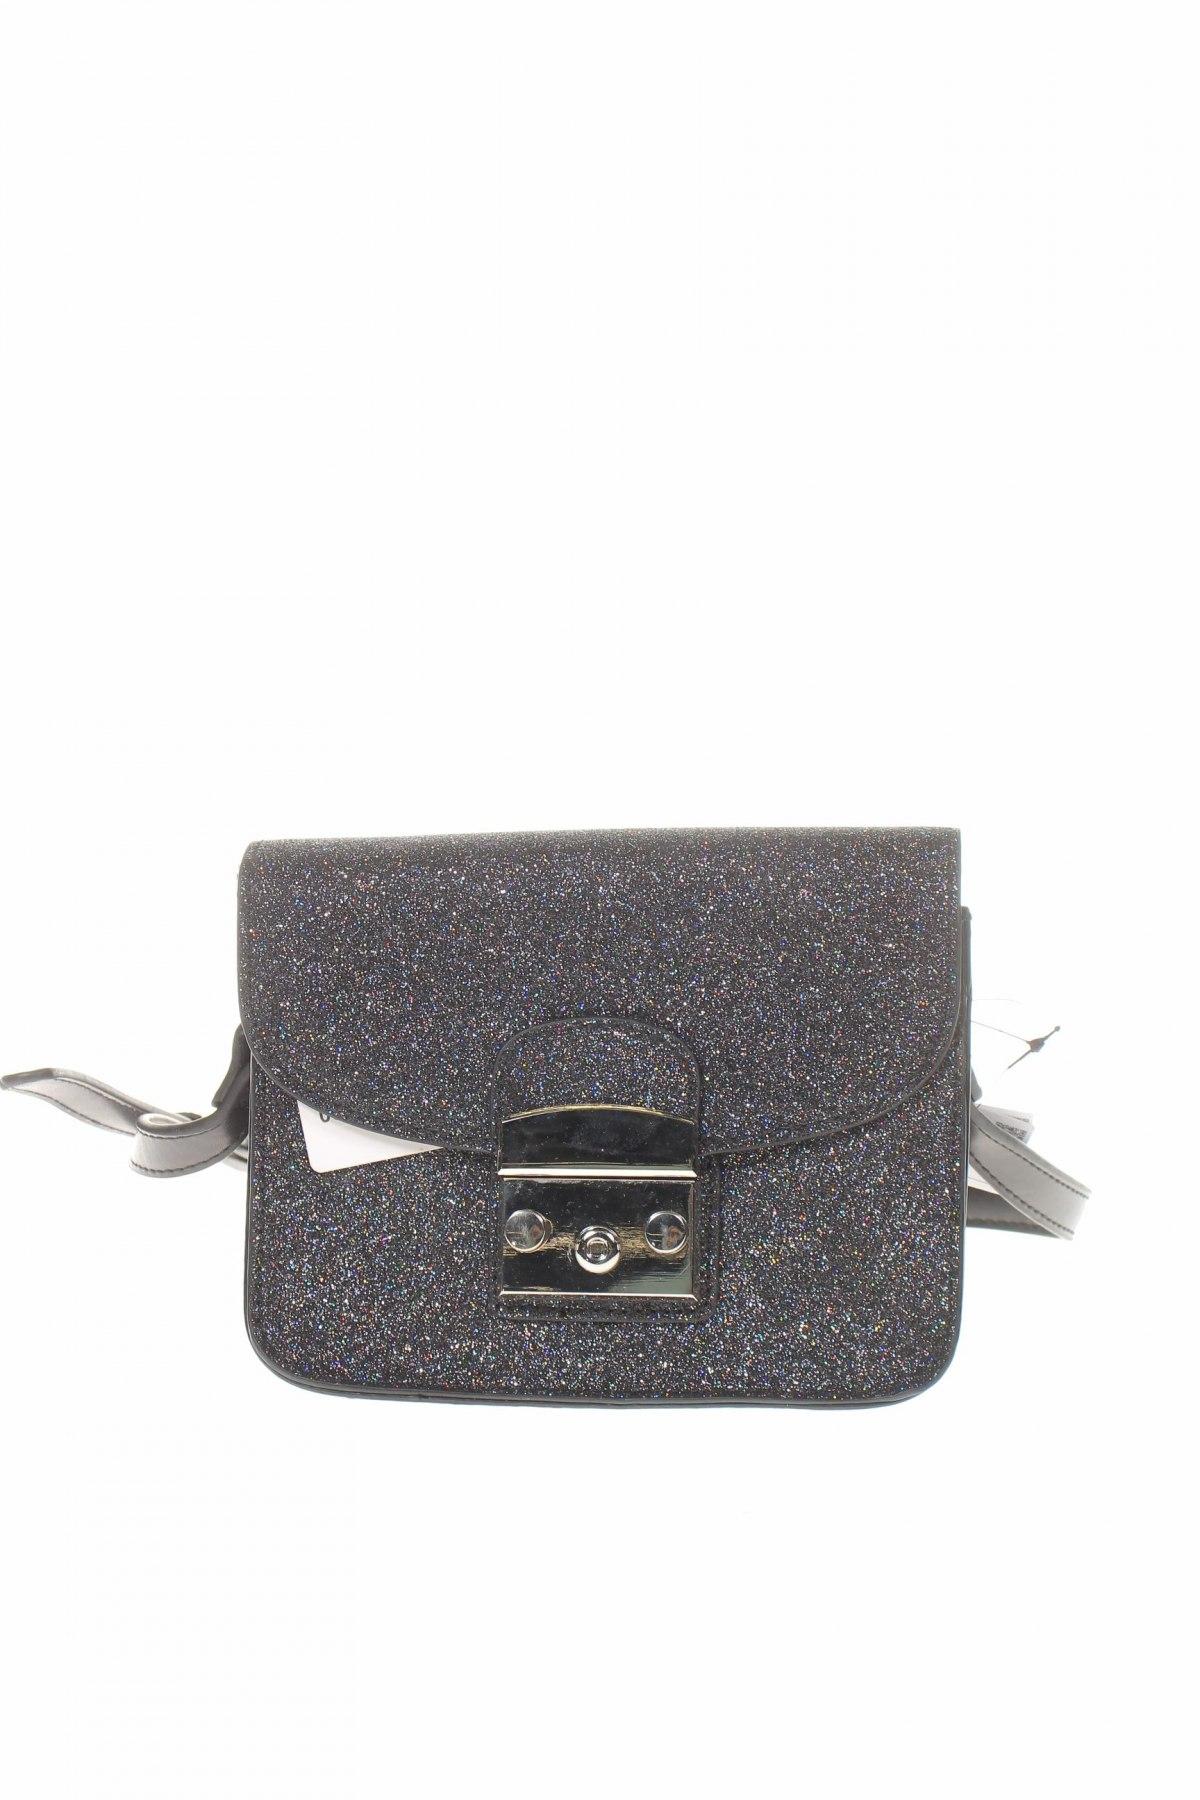 Дамска чанта Reserved, Цвят Сив, Еко кожа, Цена 22,05лв.